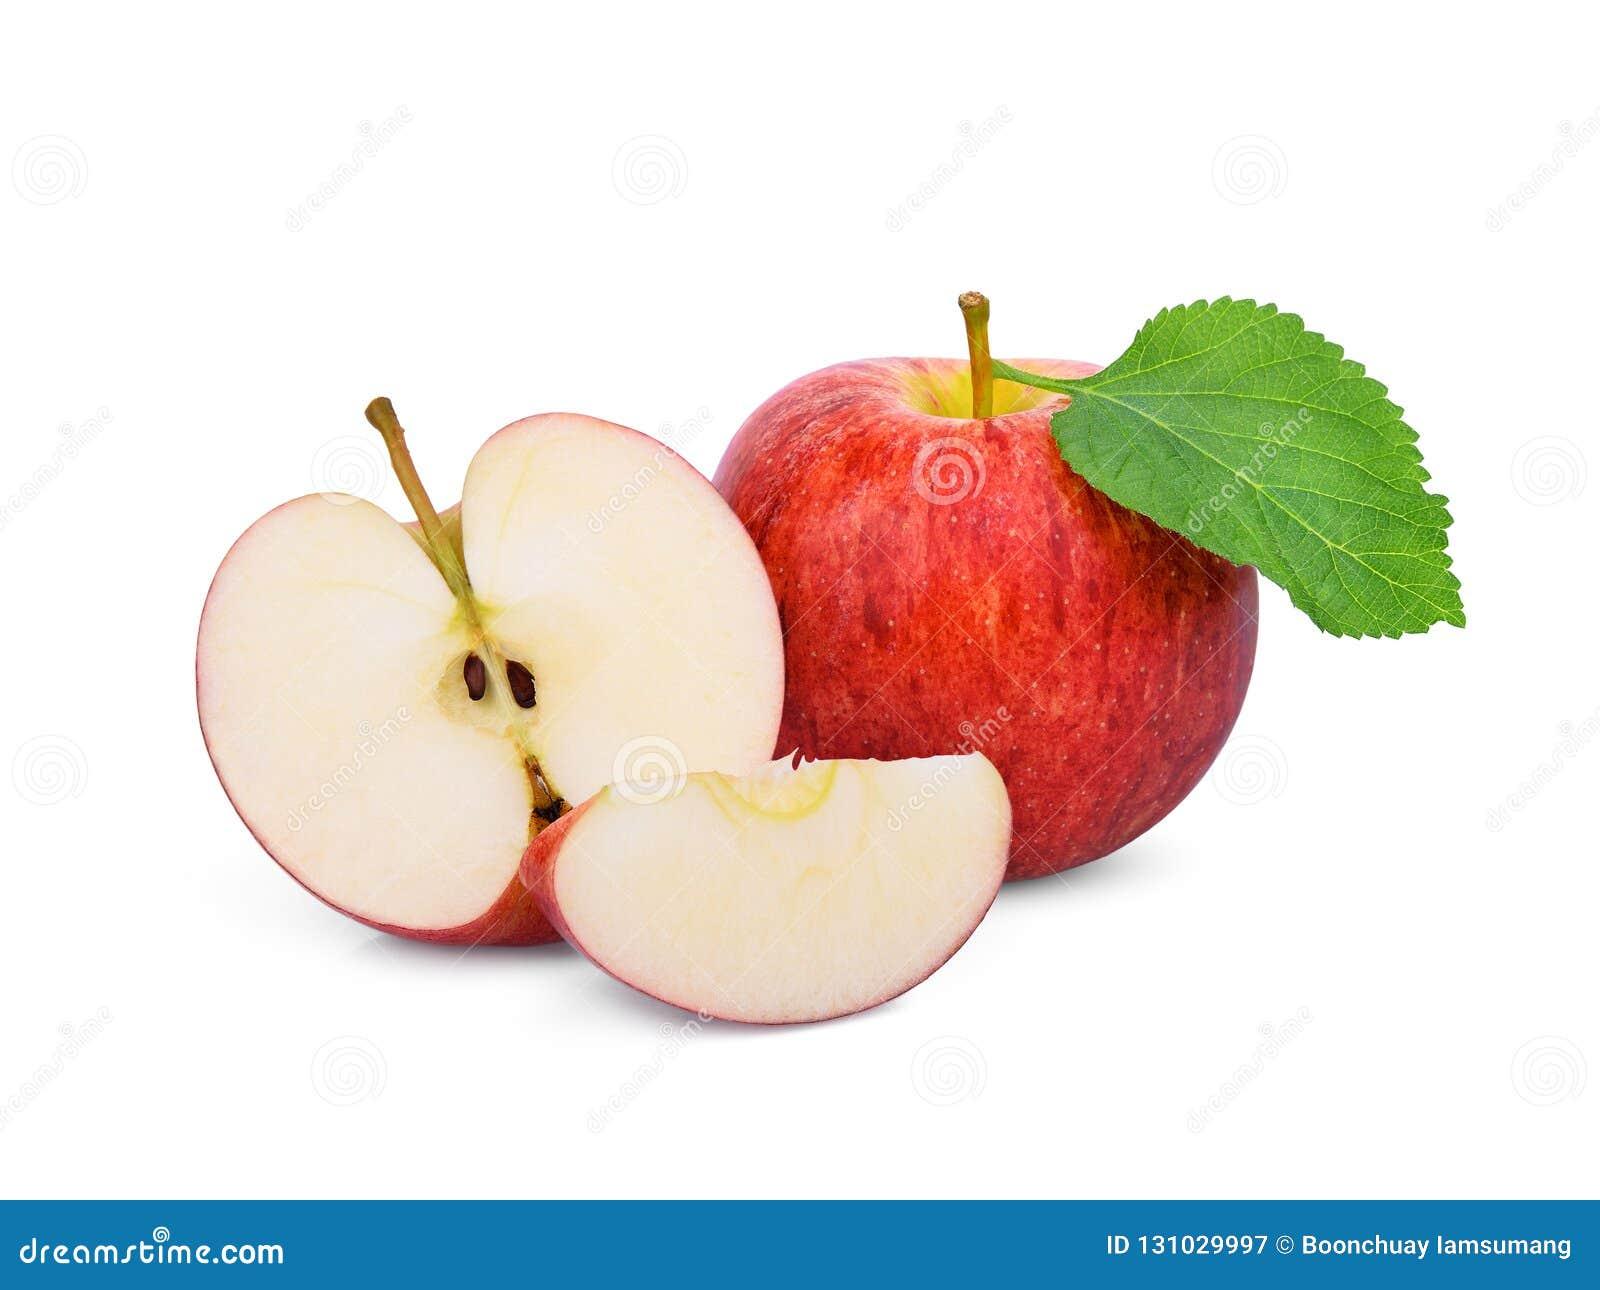 Cały i przyrodni czerwony galowy jabłko z zielonym liściem odizolowywającym na bielu